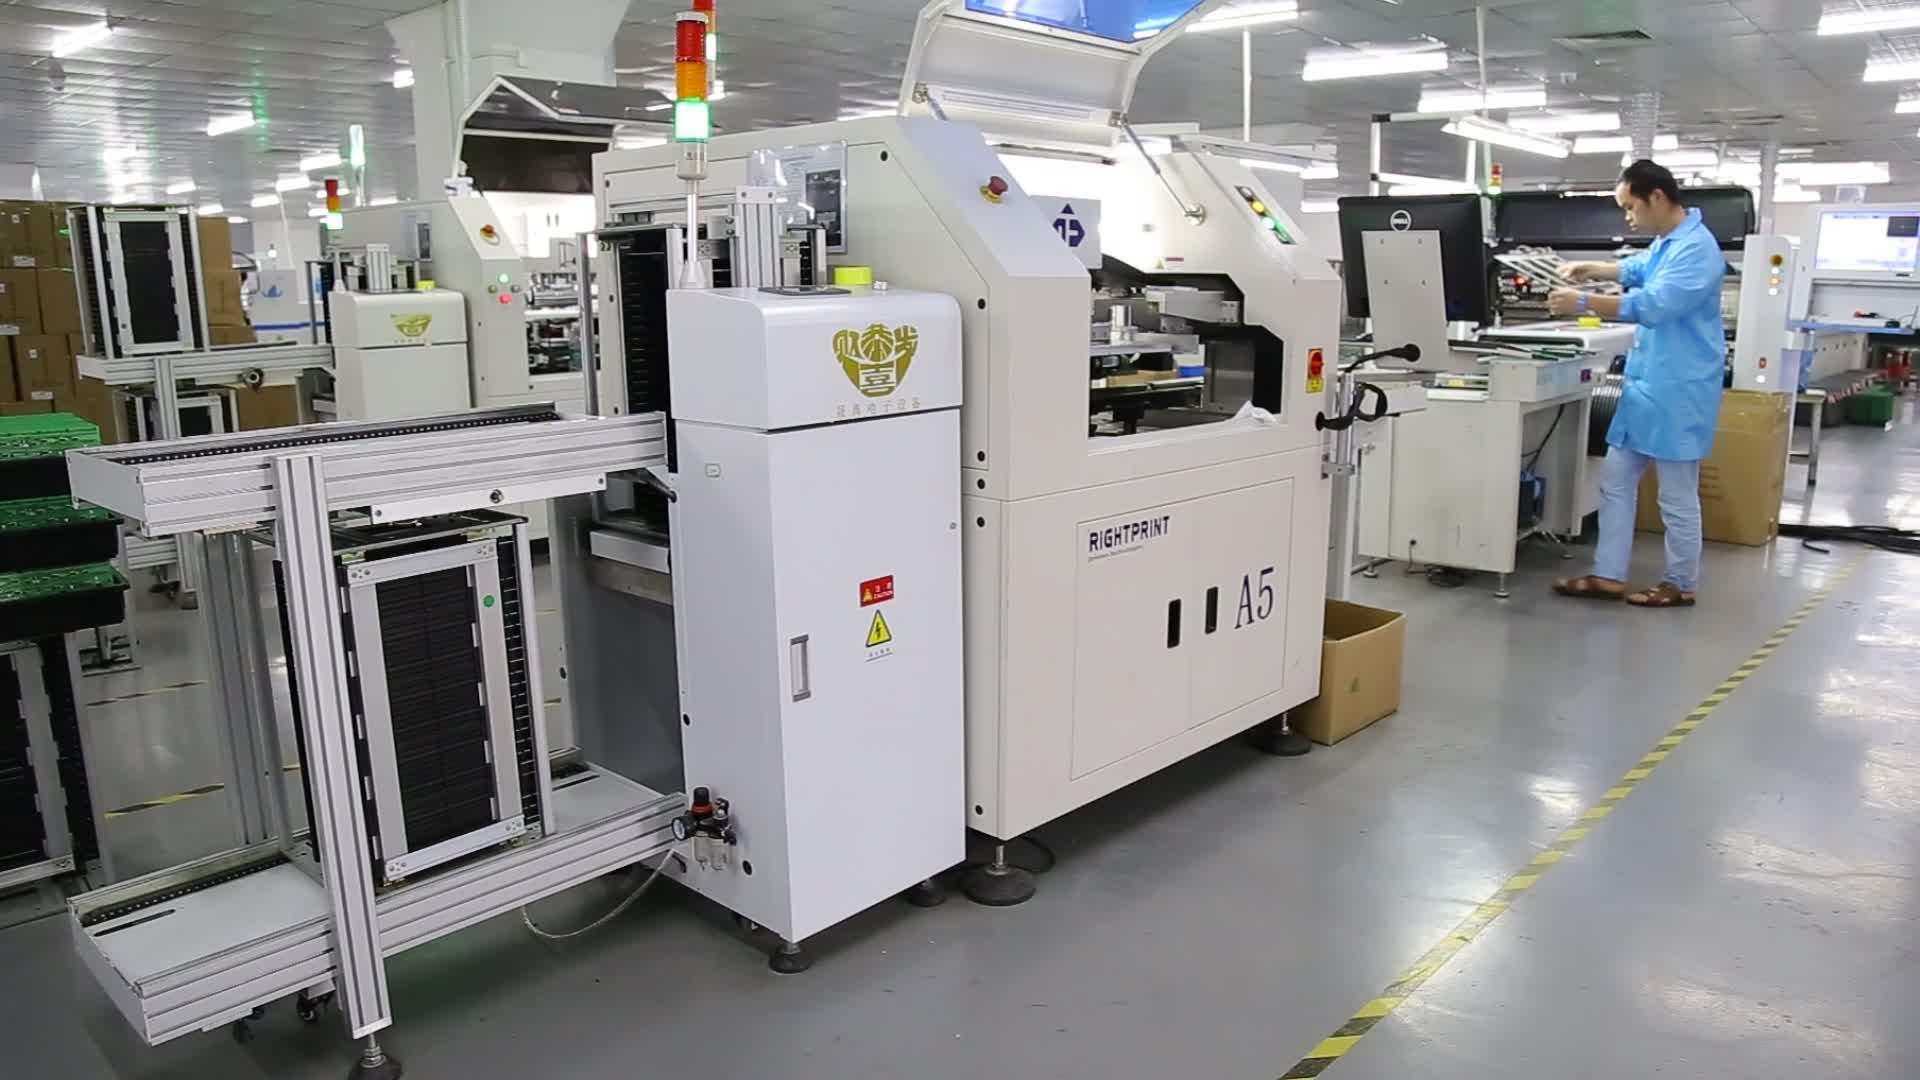 श्रीमती स्वत: पीसीबी कन्वेयर पीसीबी पत्रिका unloader एसएमडी टांका लगाने की मशीन